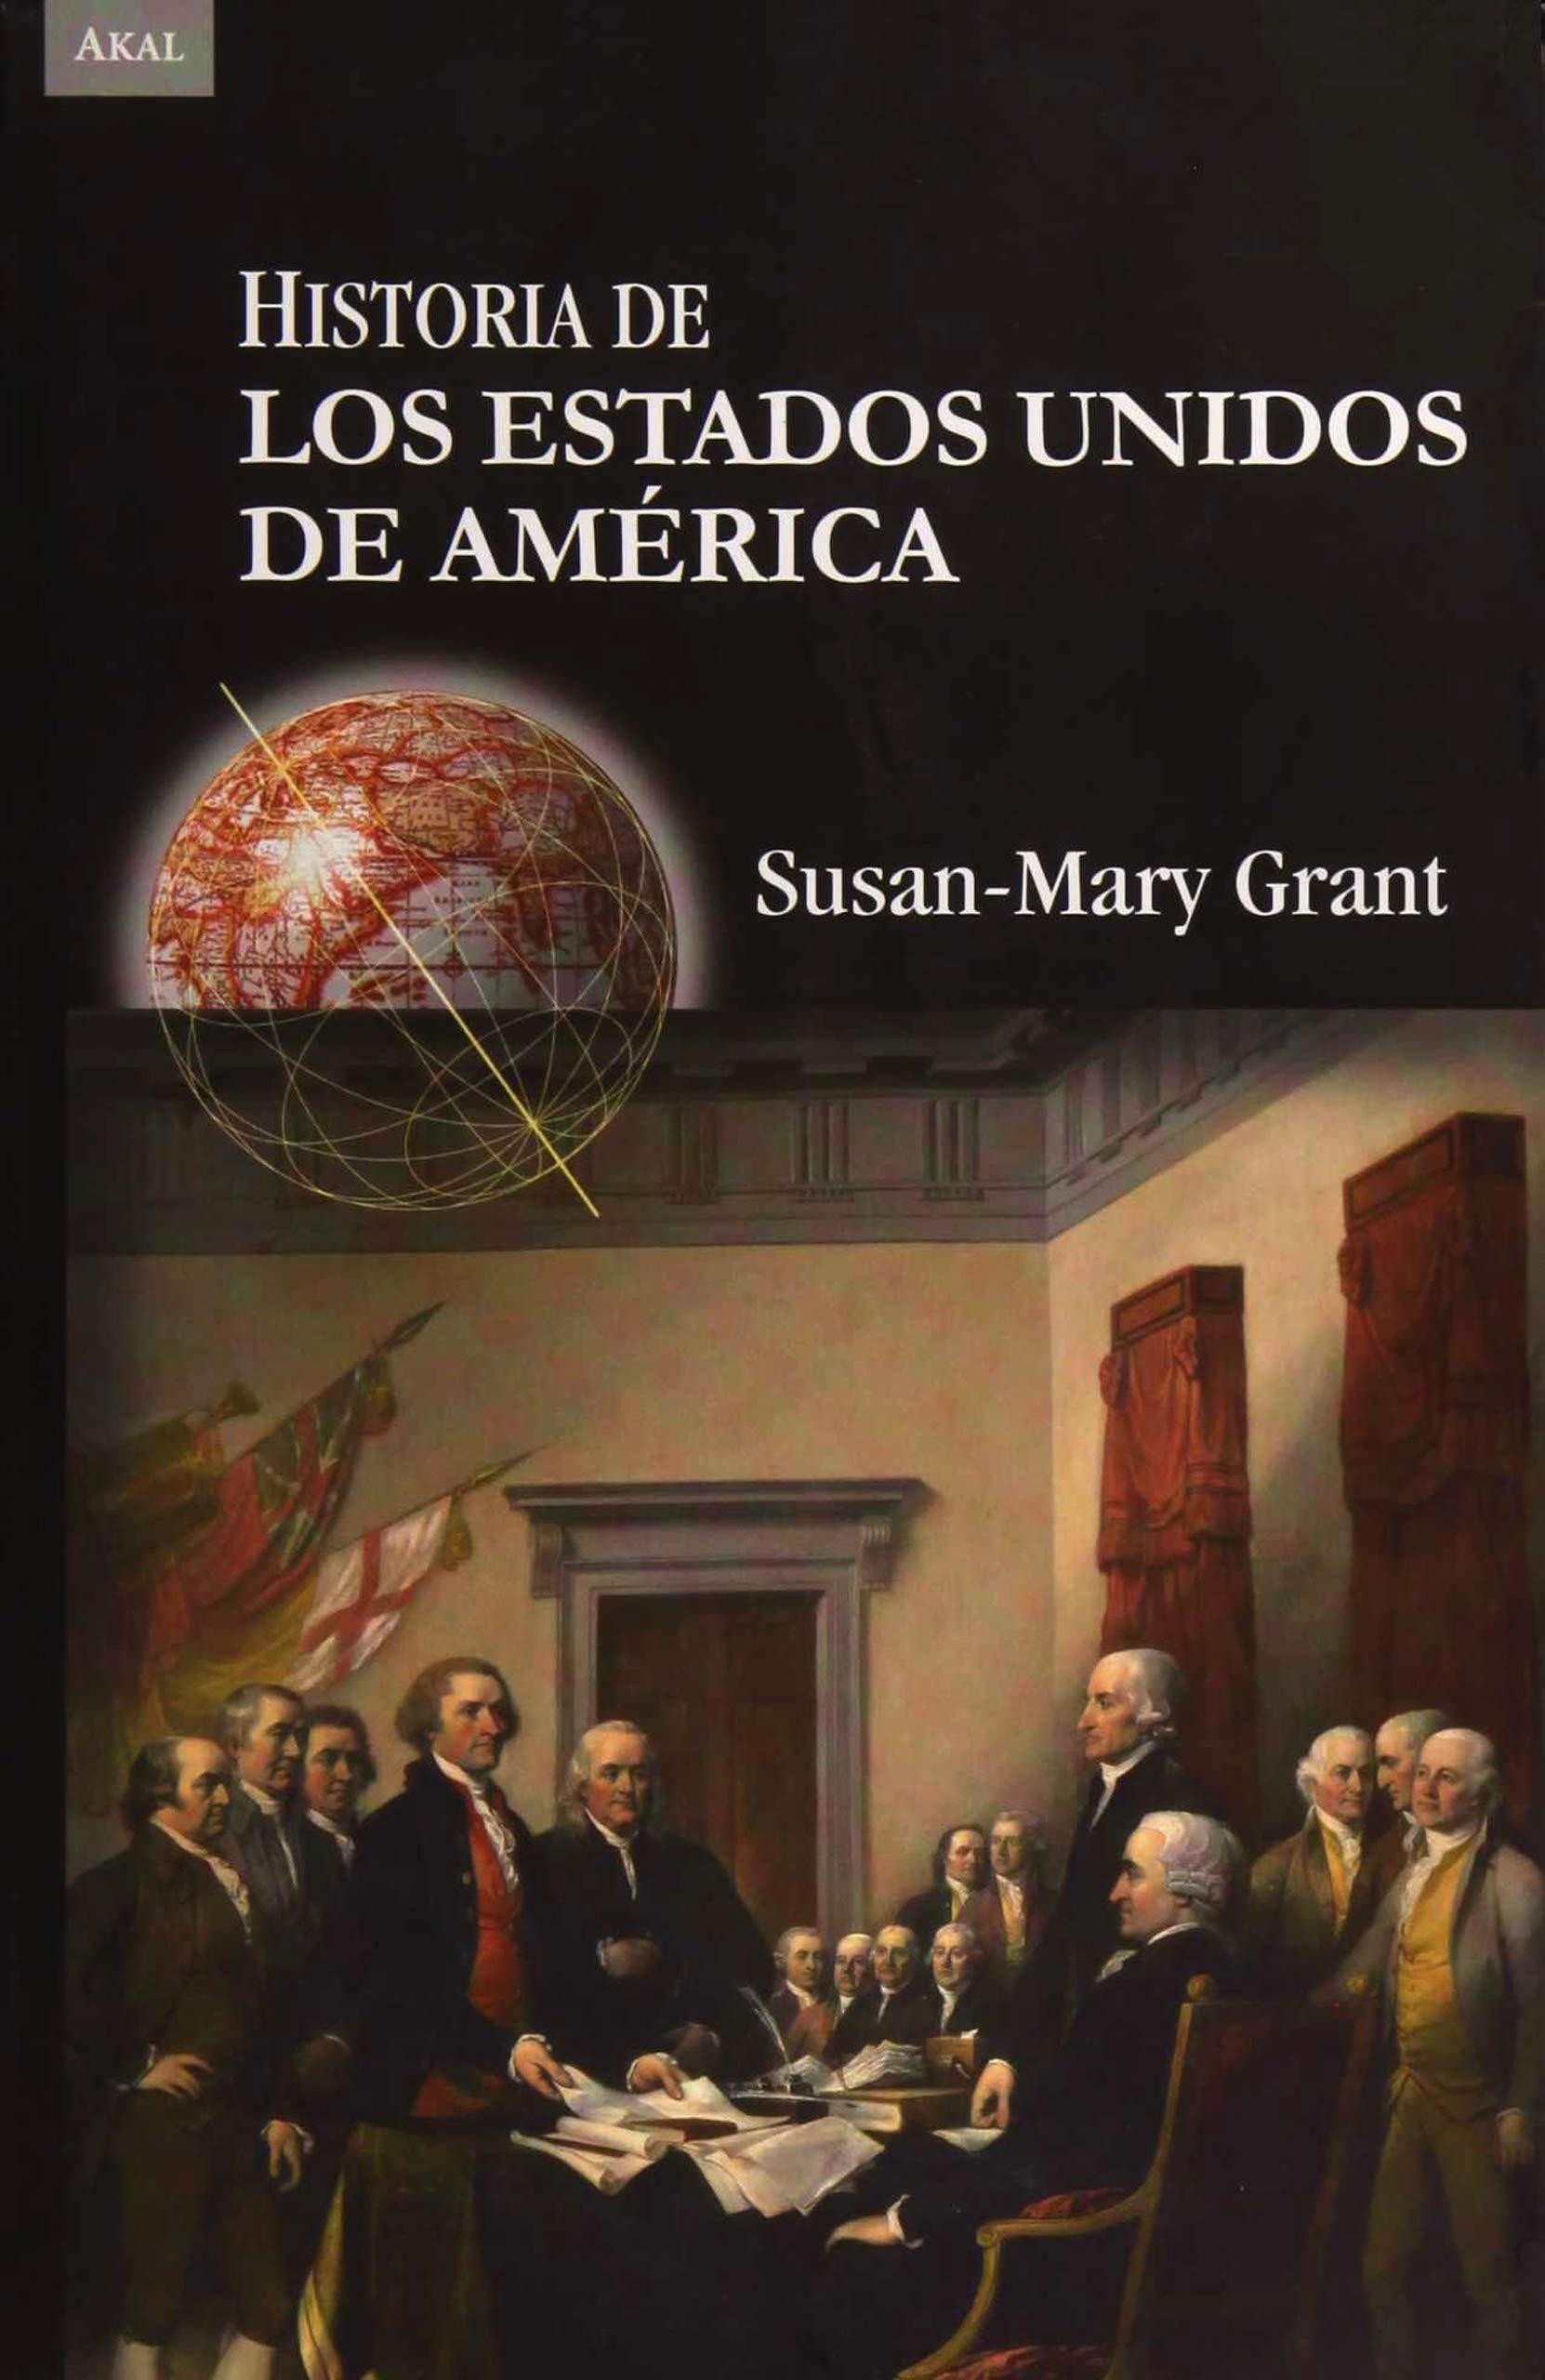 Historia de los Estados Unidos de América (Historias): Amazon.es: Grant, Susan-Mary, Alonso Valle, Axel: Libros